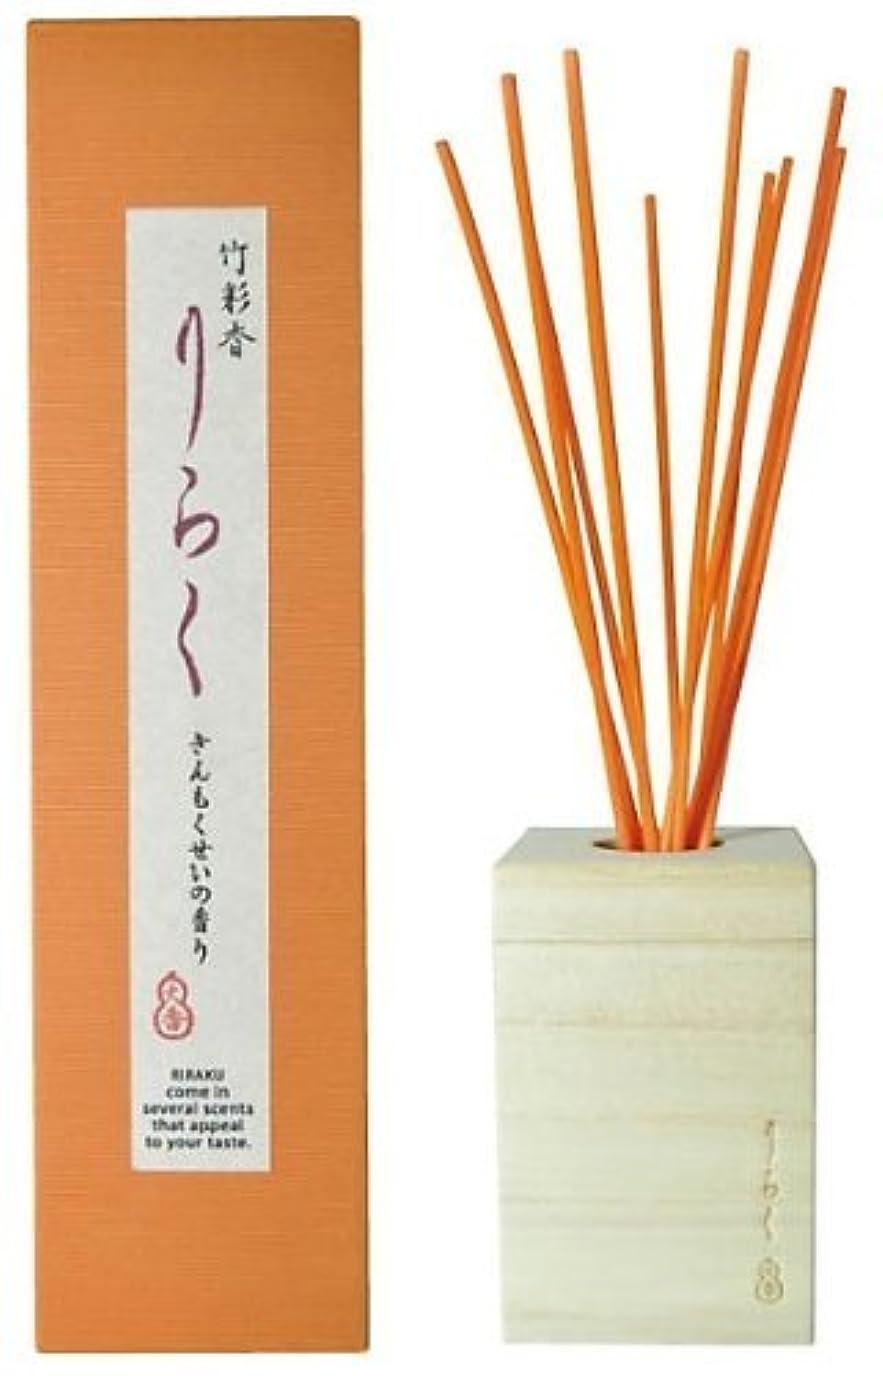 先行するアプライアンス温度竹彩香りらくきんもくせい 50ml